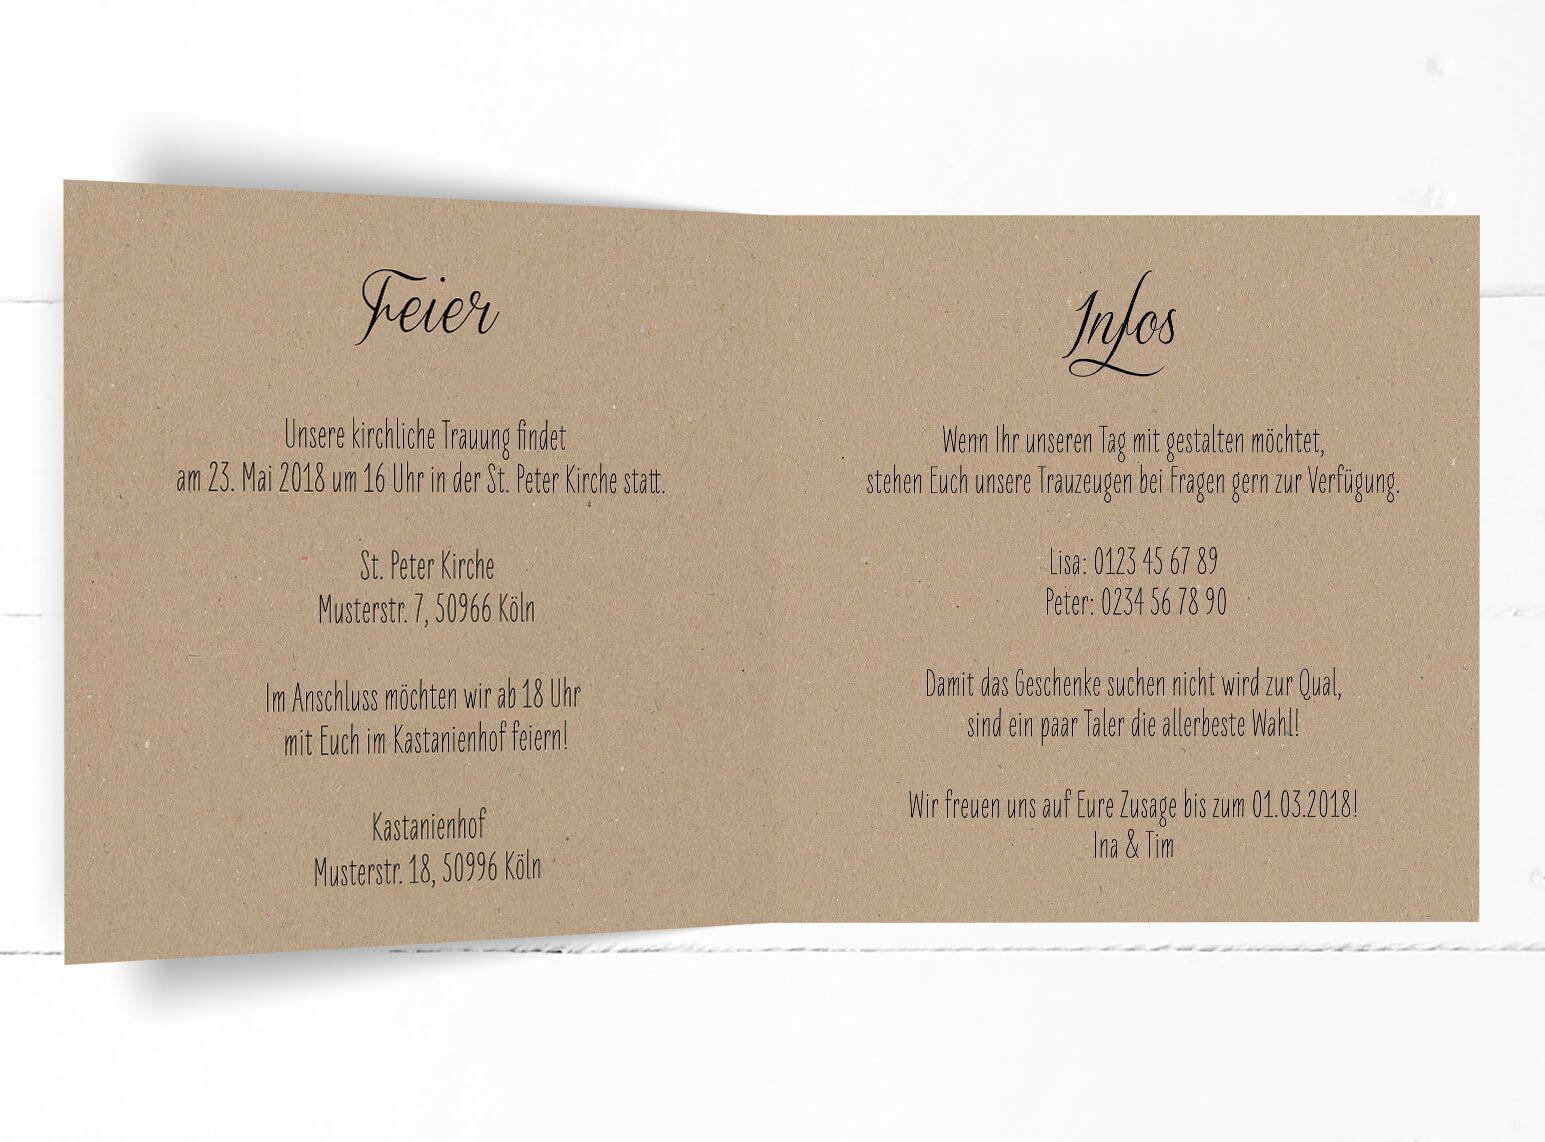 Hochzeit einladung boarding pass hochzeit einladung bedanken hochzeit einladung briefumschlag beschriften hochzeit einladung bestätigen hochzeitseinladung